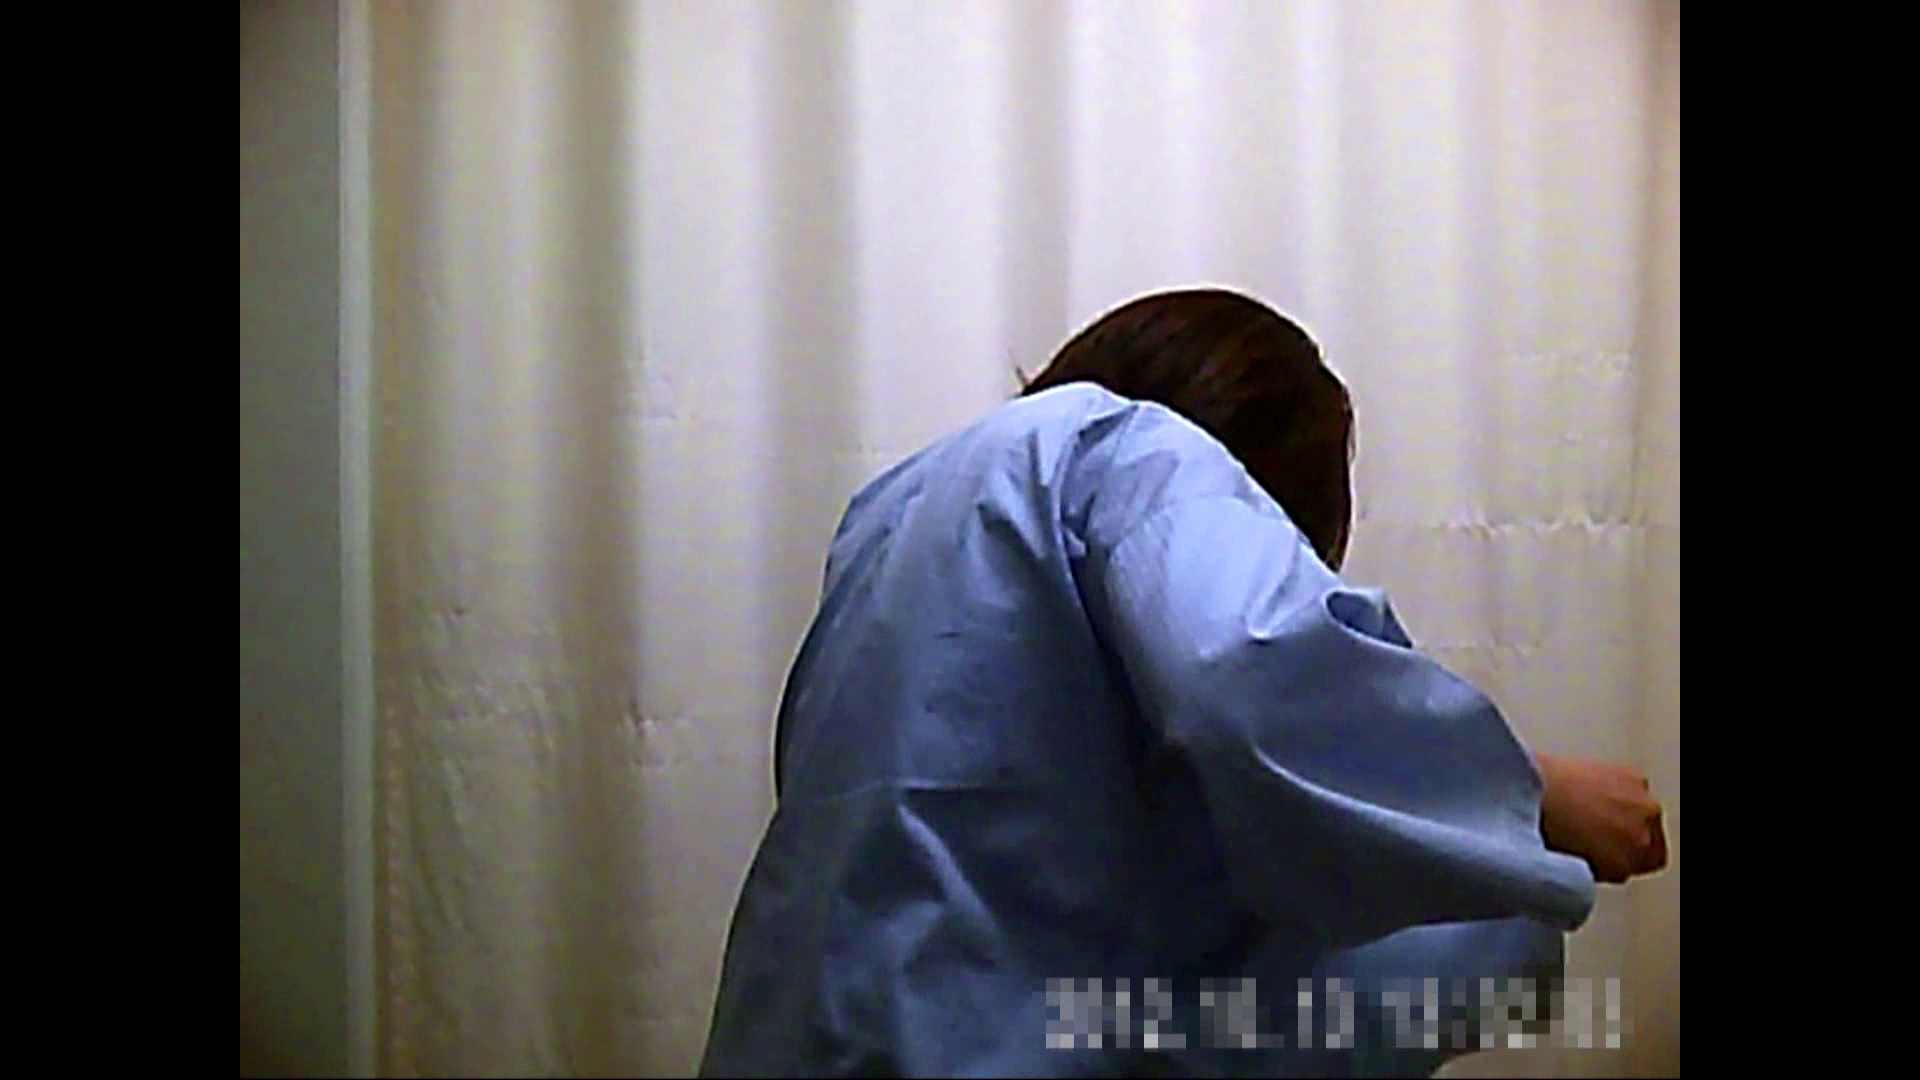 元医者による反抗 更衣室地獄絵巻 vol.059 お姉さん攻略 すけべAV動画紹介 77画像 2